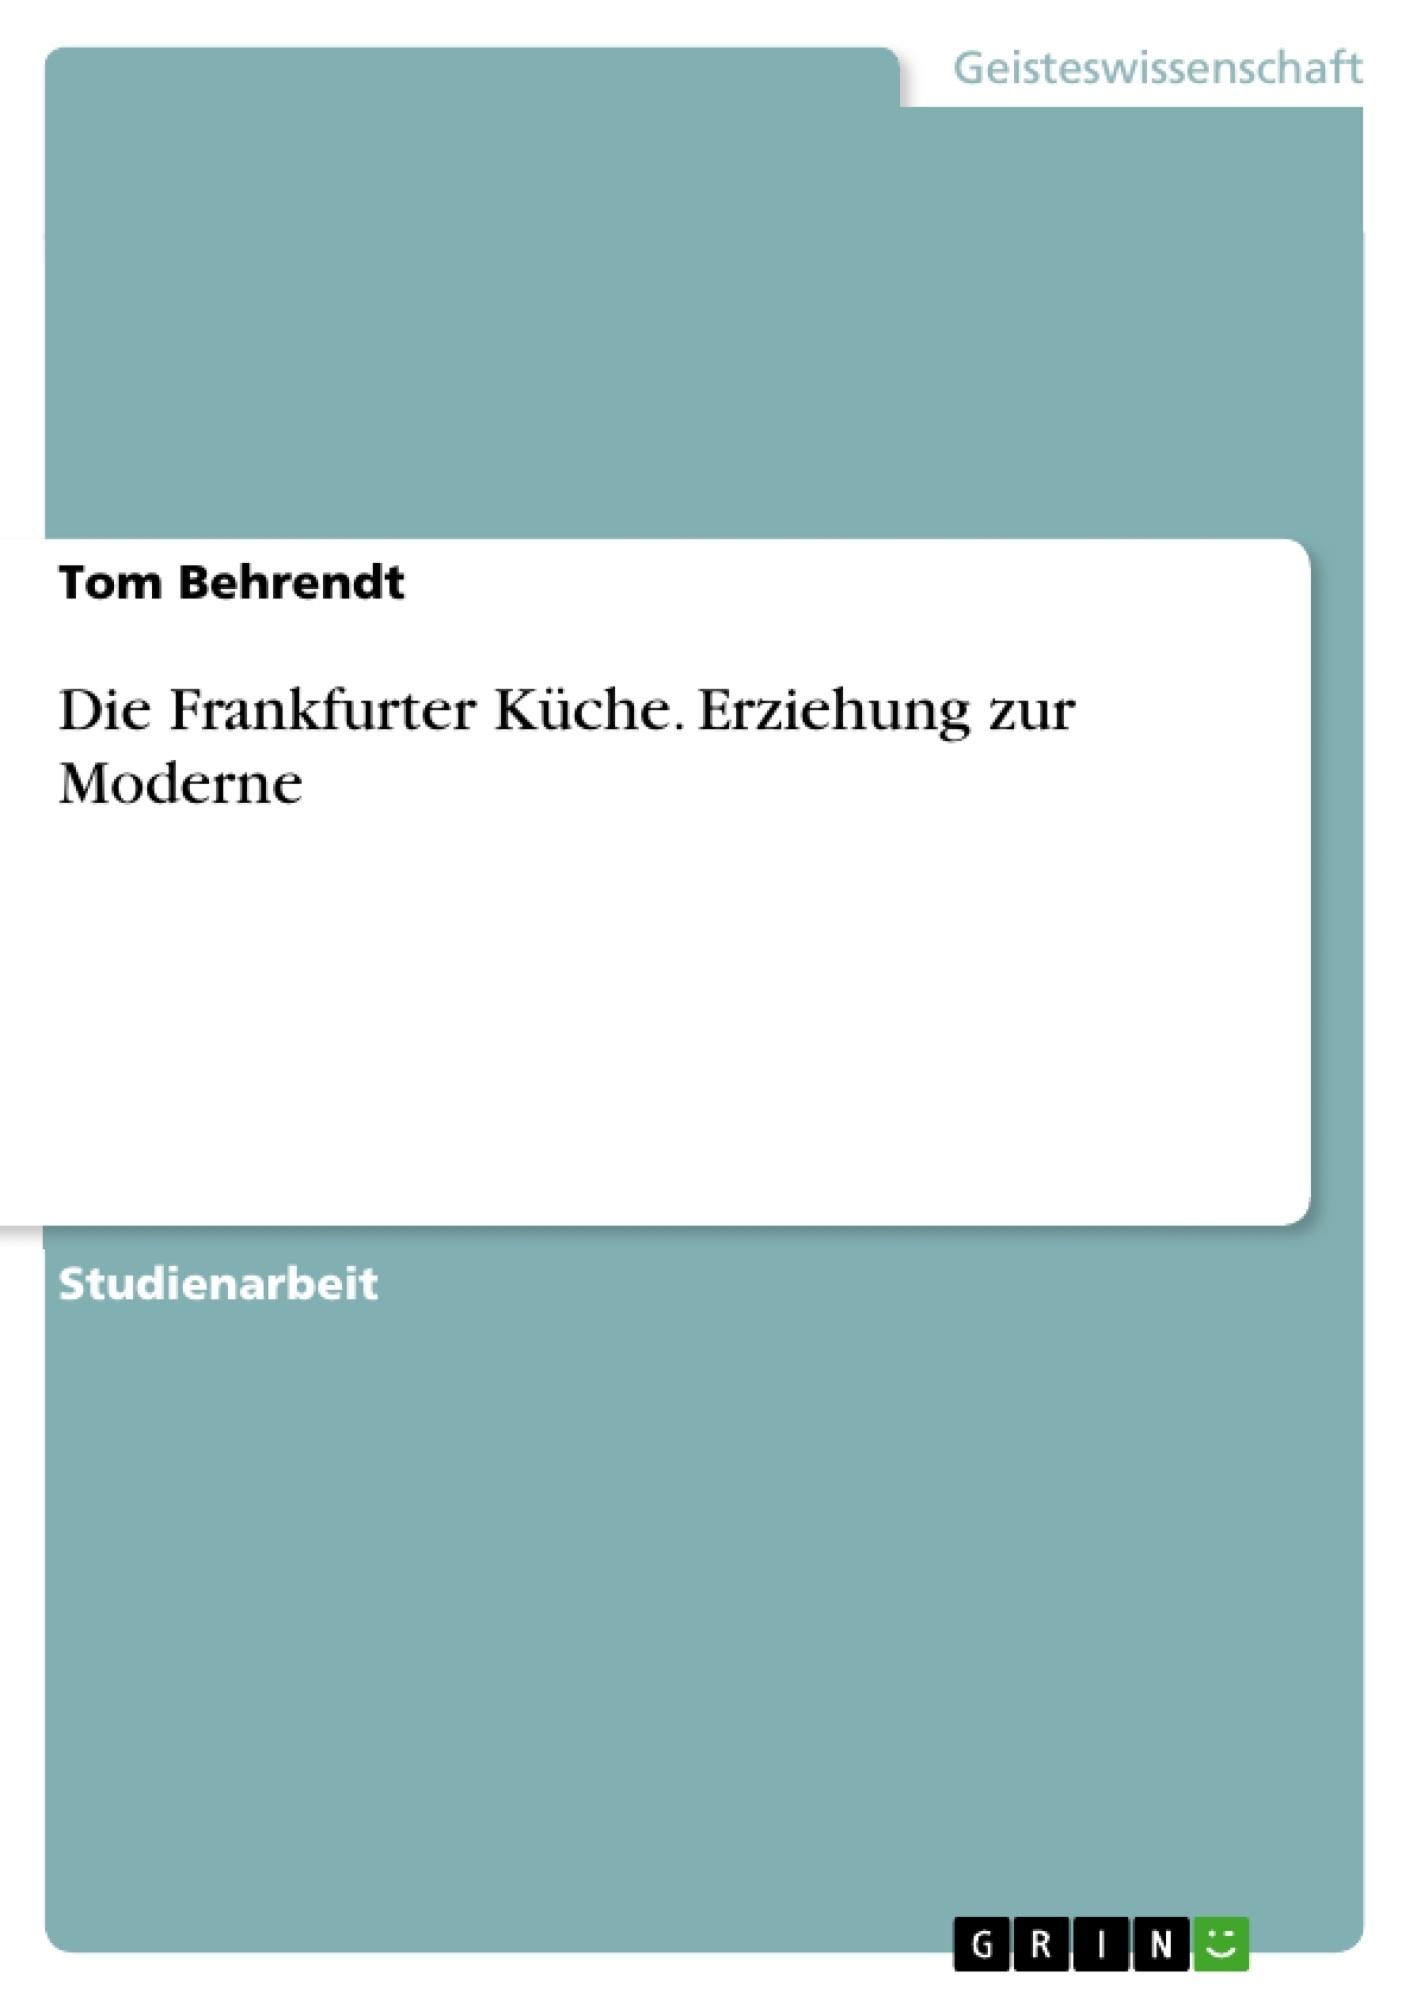 Titel: Die Frankfurter Küche. Erziehung zur Moderne